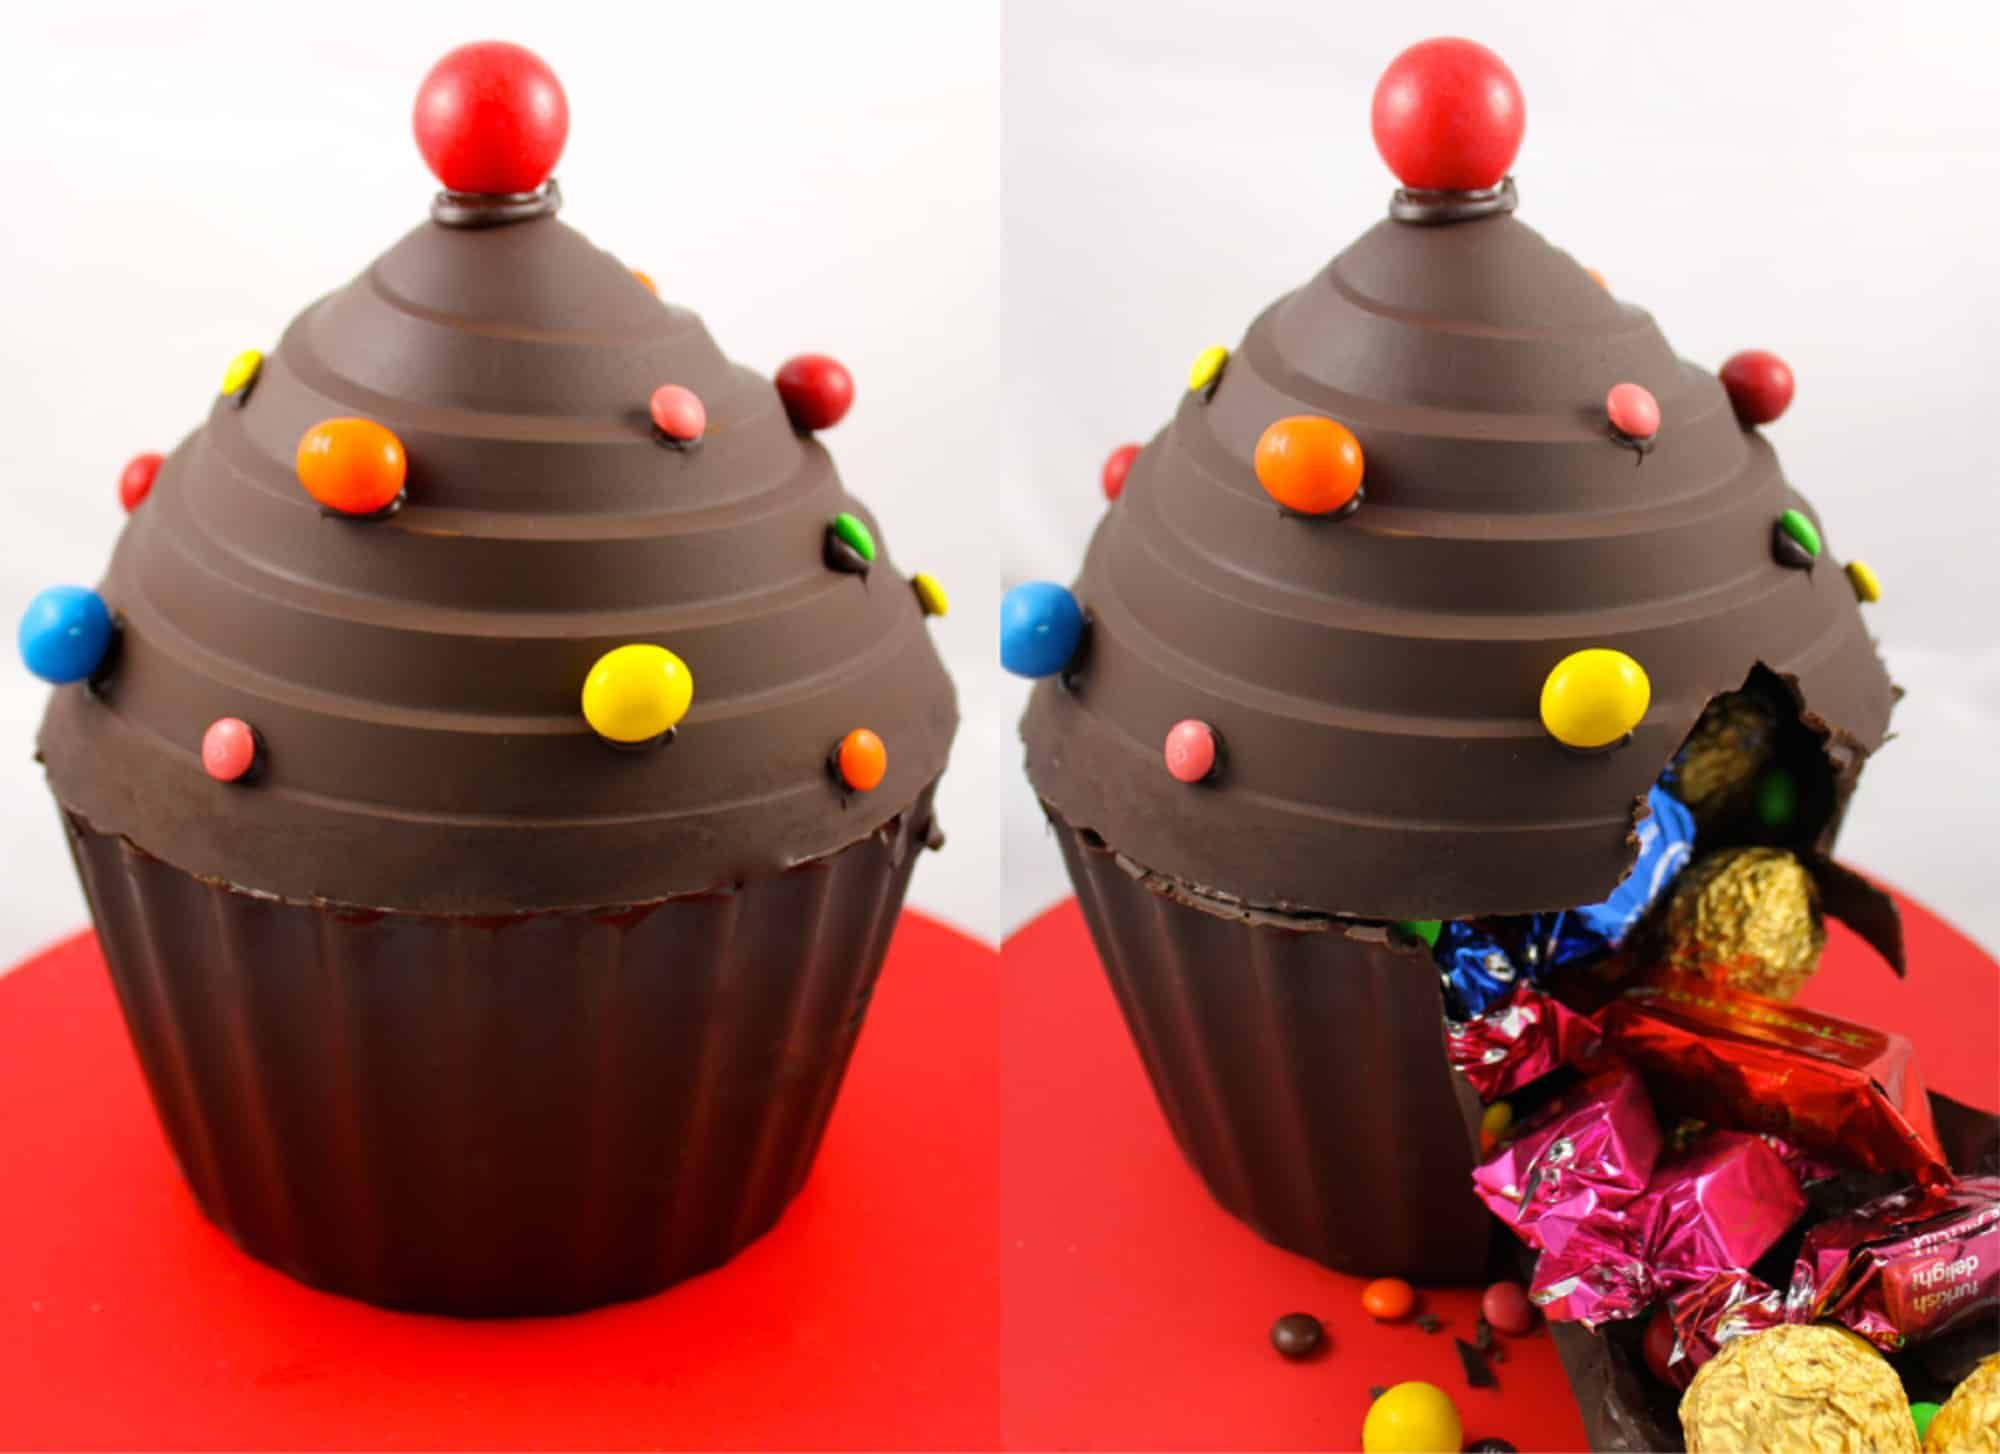 Photo of Video How to Make a Giant Cupcake PiA plusmn ata a cent CakeJournal com